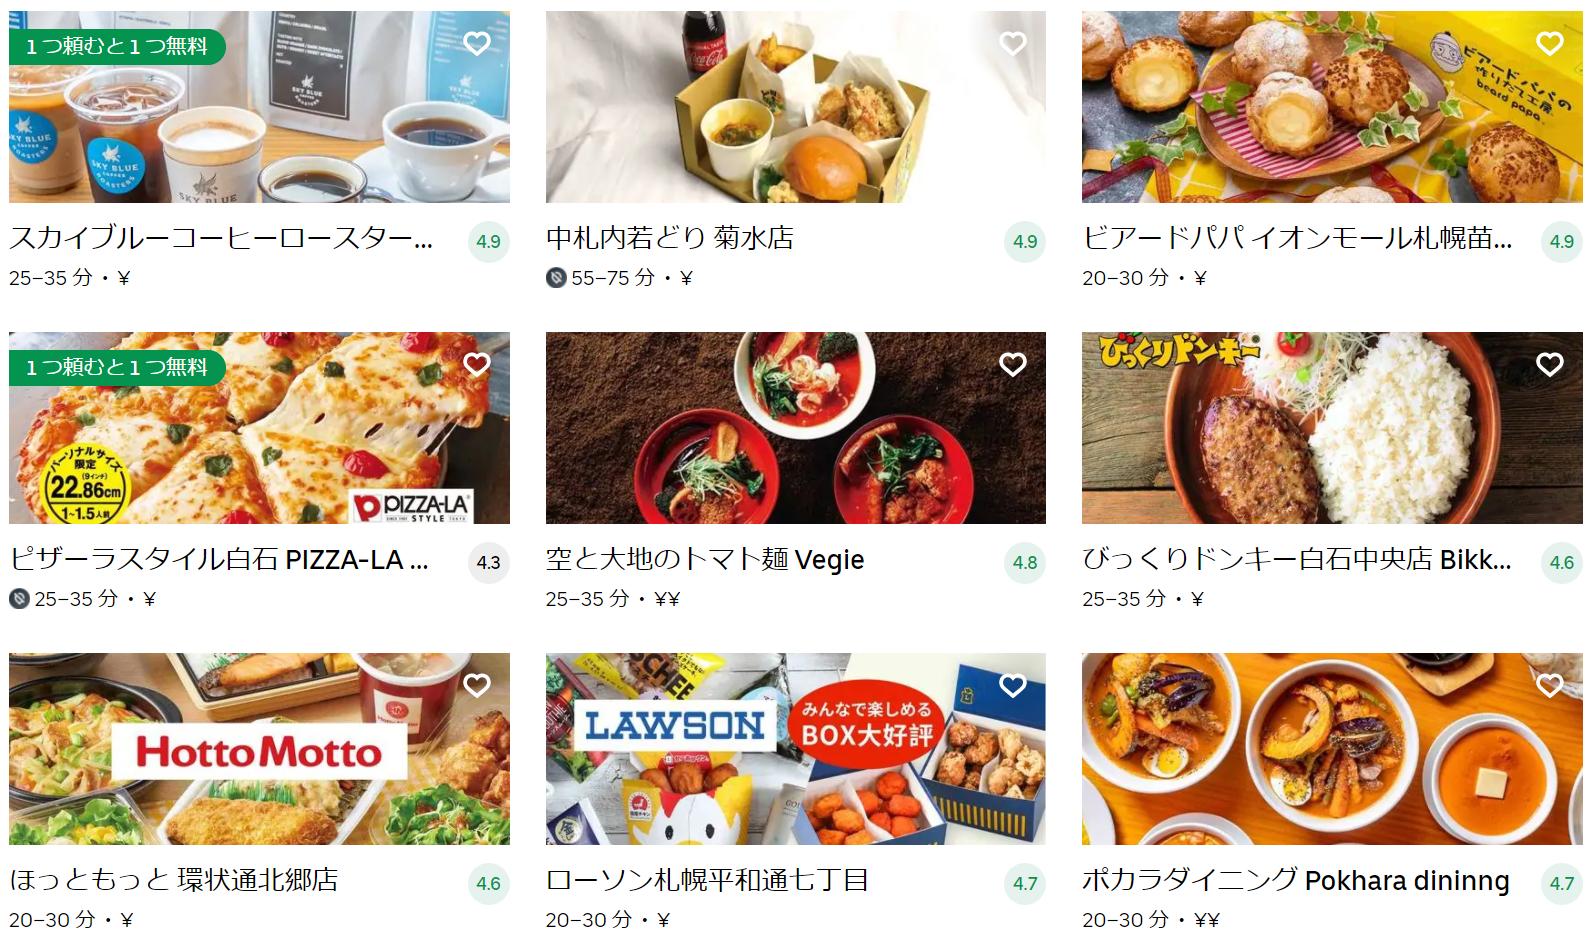 札幌市白石区エリアのおすすめUber Eats(ウーバーイーツ)メニュー